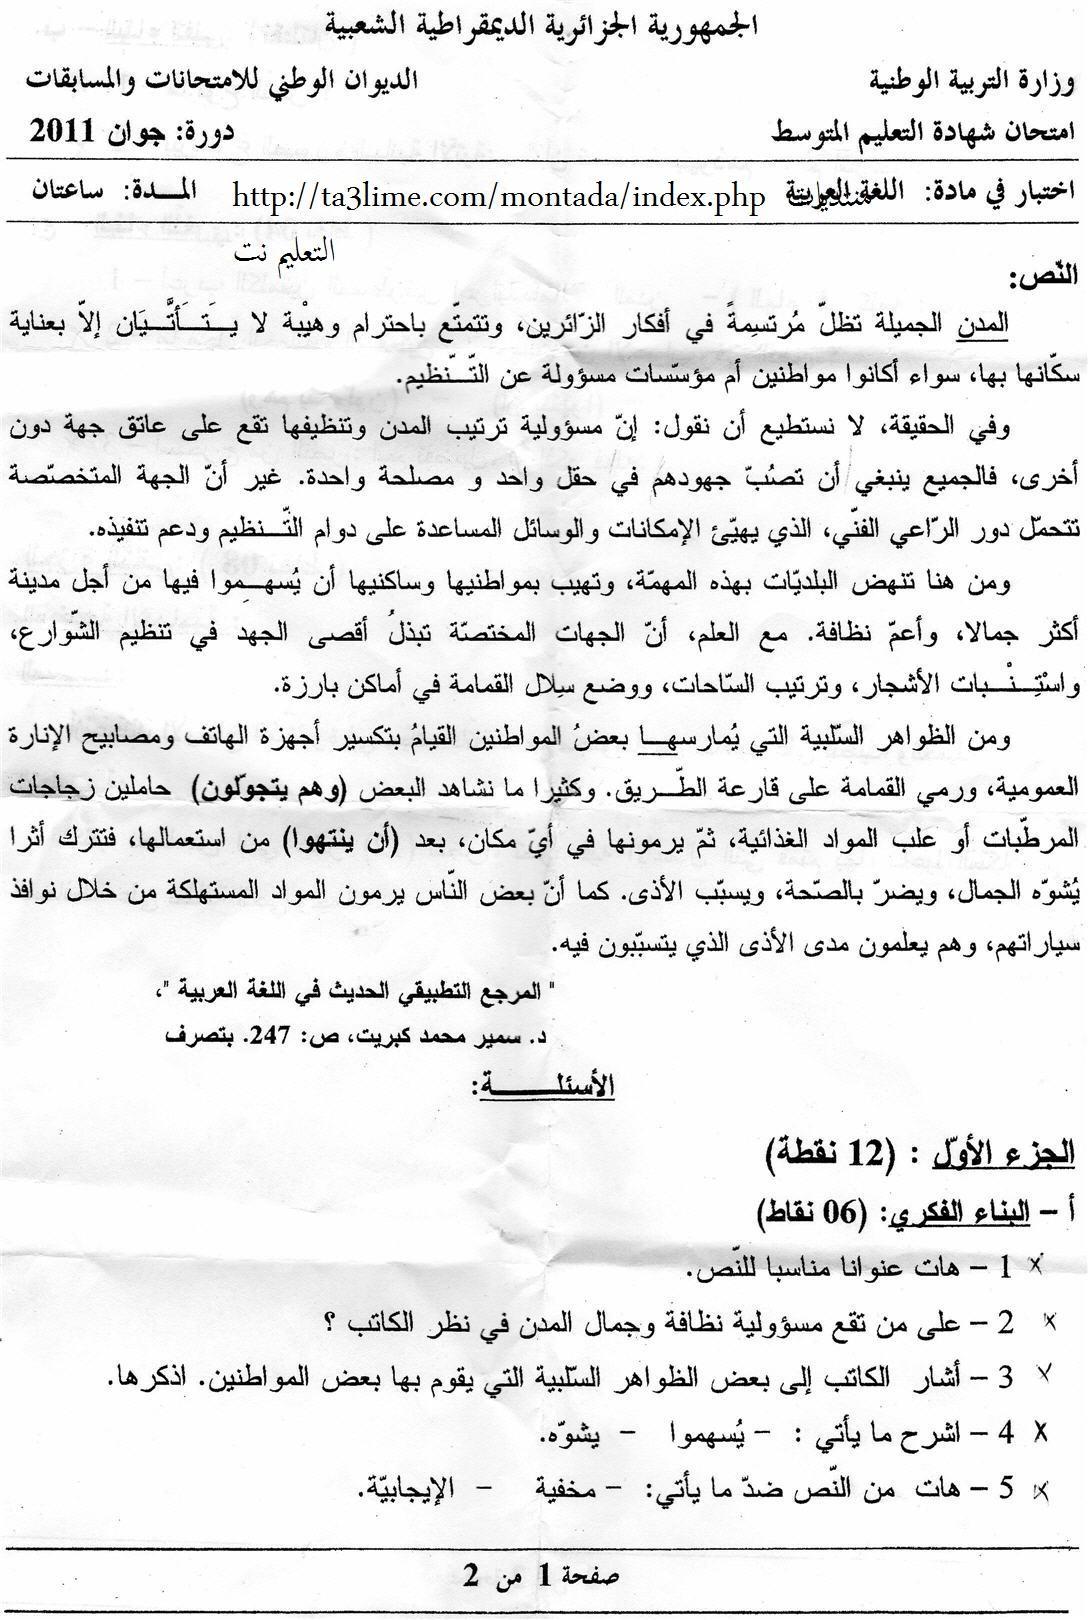 امتحان شهادة التعليم المتوسط في مادة اللغة العربية لدورة جوان 2011 Ta3lime.com-9a382f2131